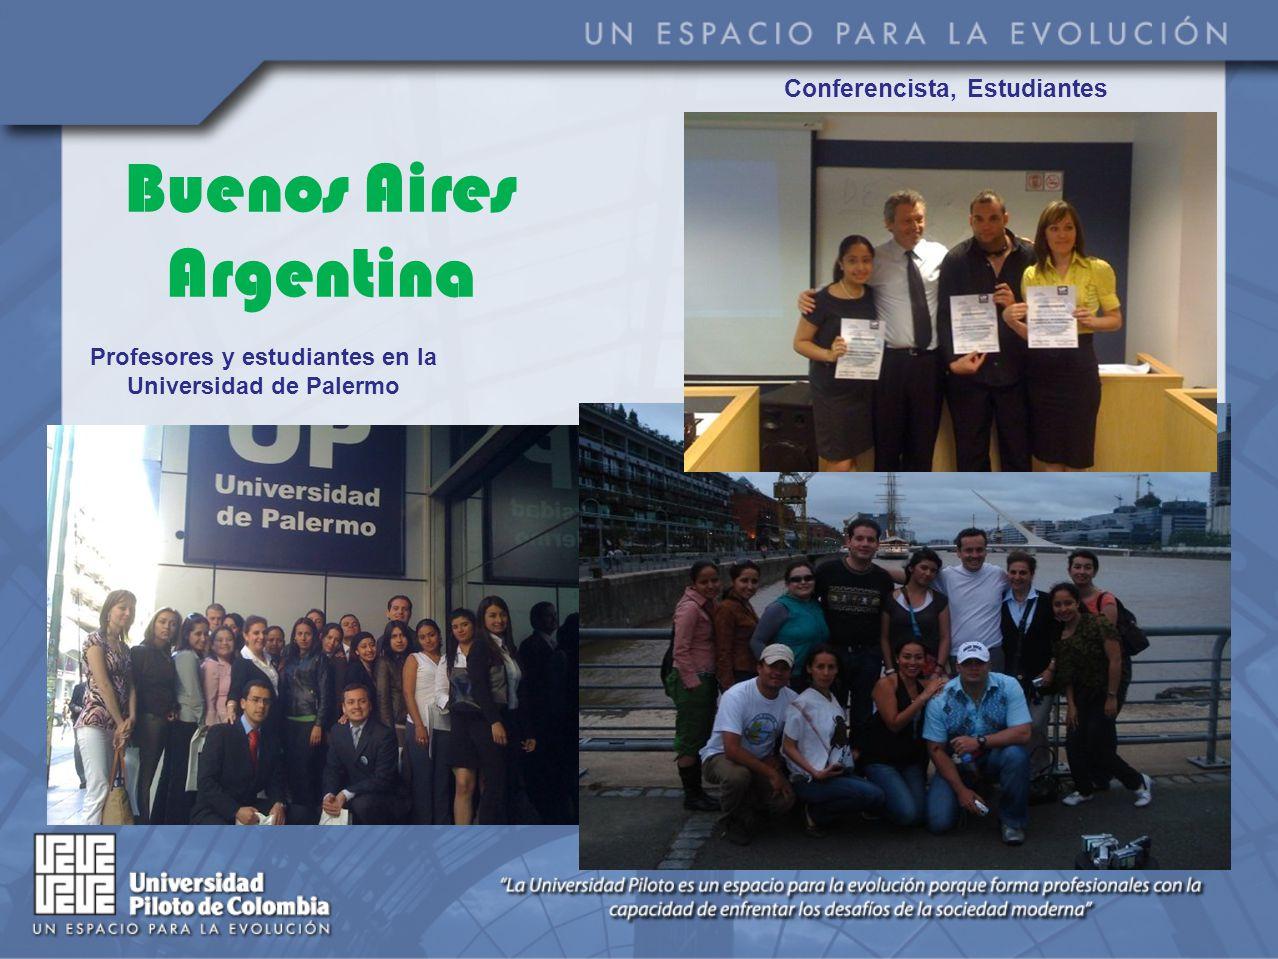 Buenos Aires Argentina Conferencista, Estudiantes Profesores y estudiantes en la Universidad de Palermo